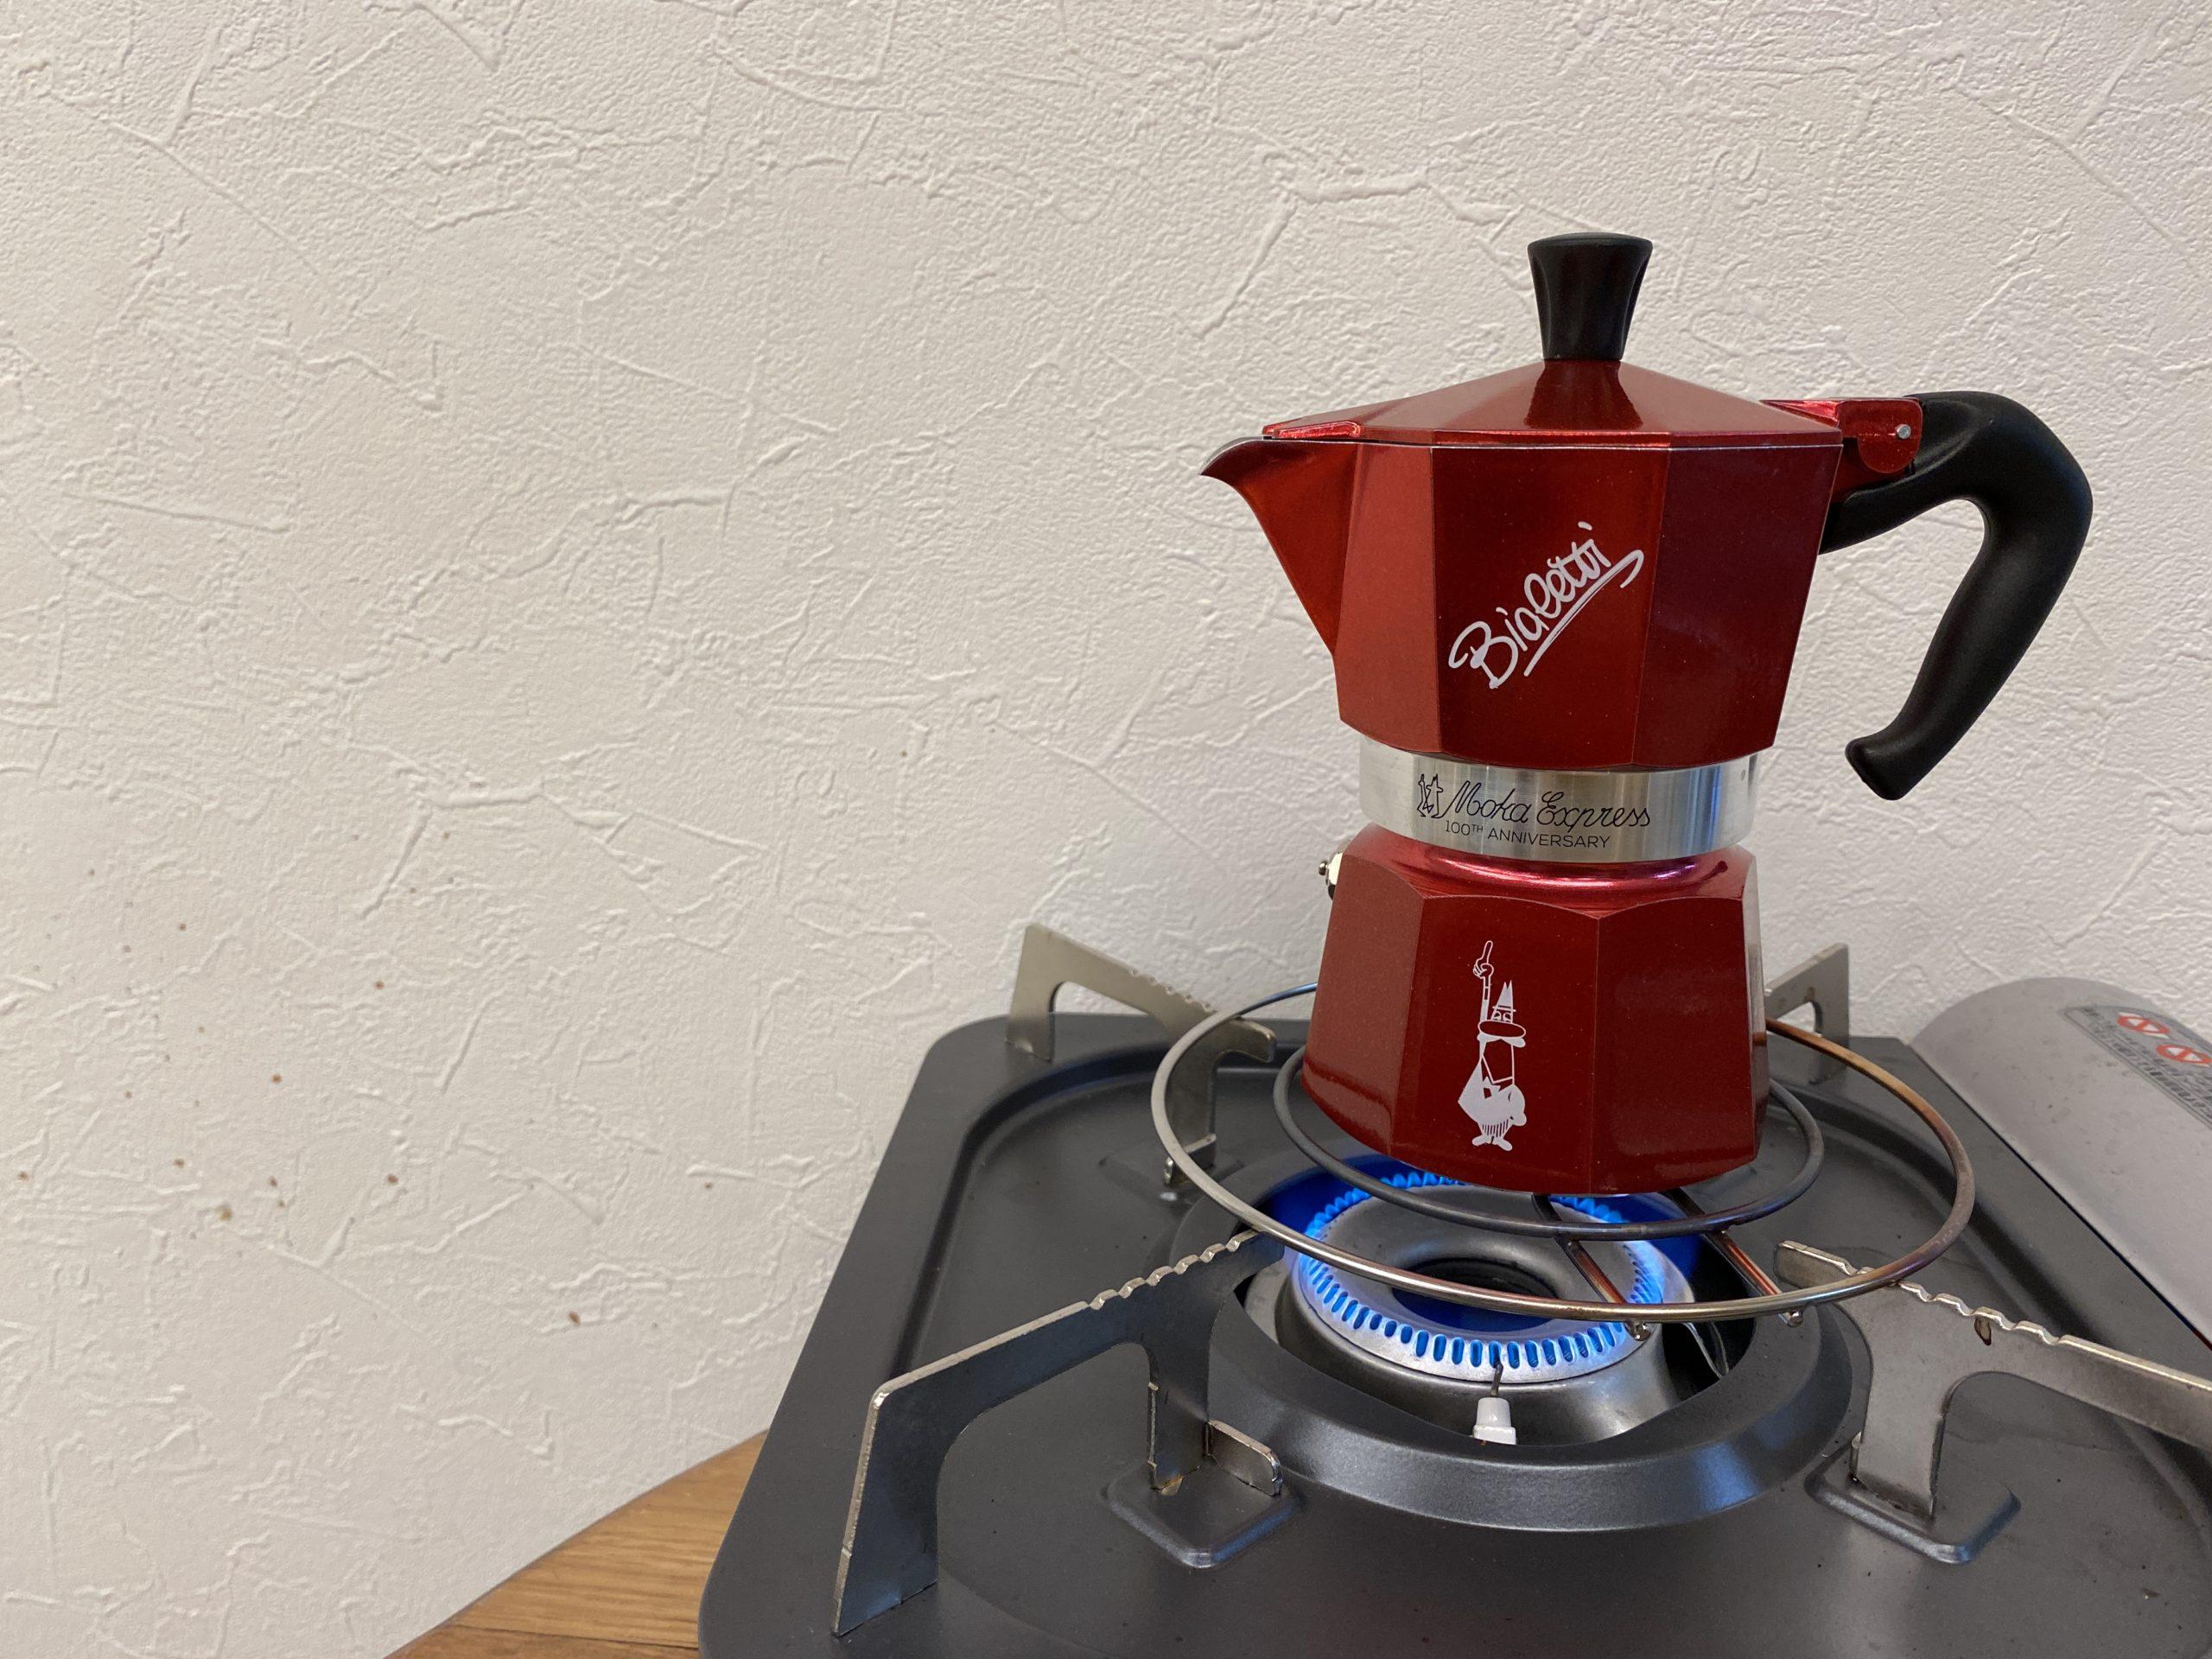 マキネッタ(mokapot)で作ろう!氷でしめて作るアイスコーヒー